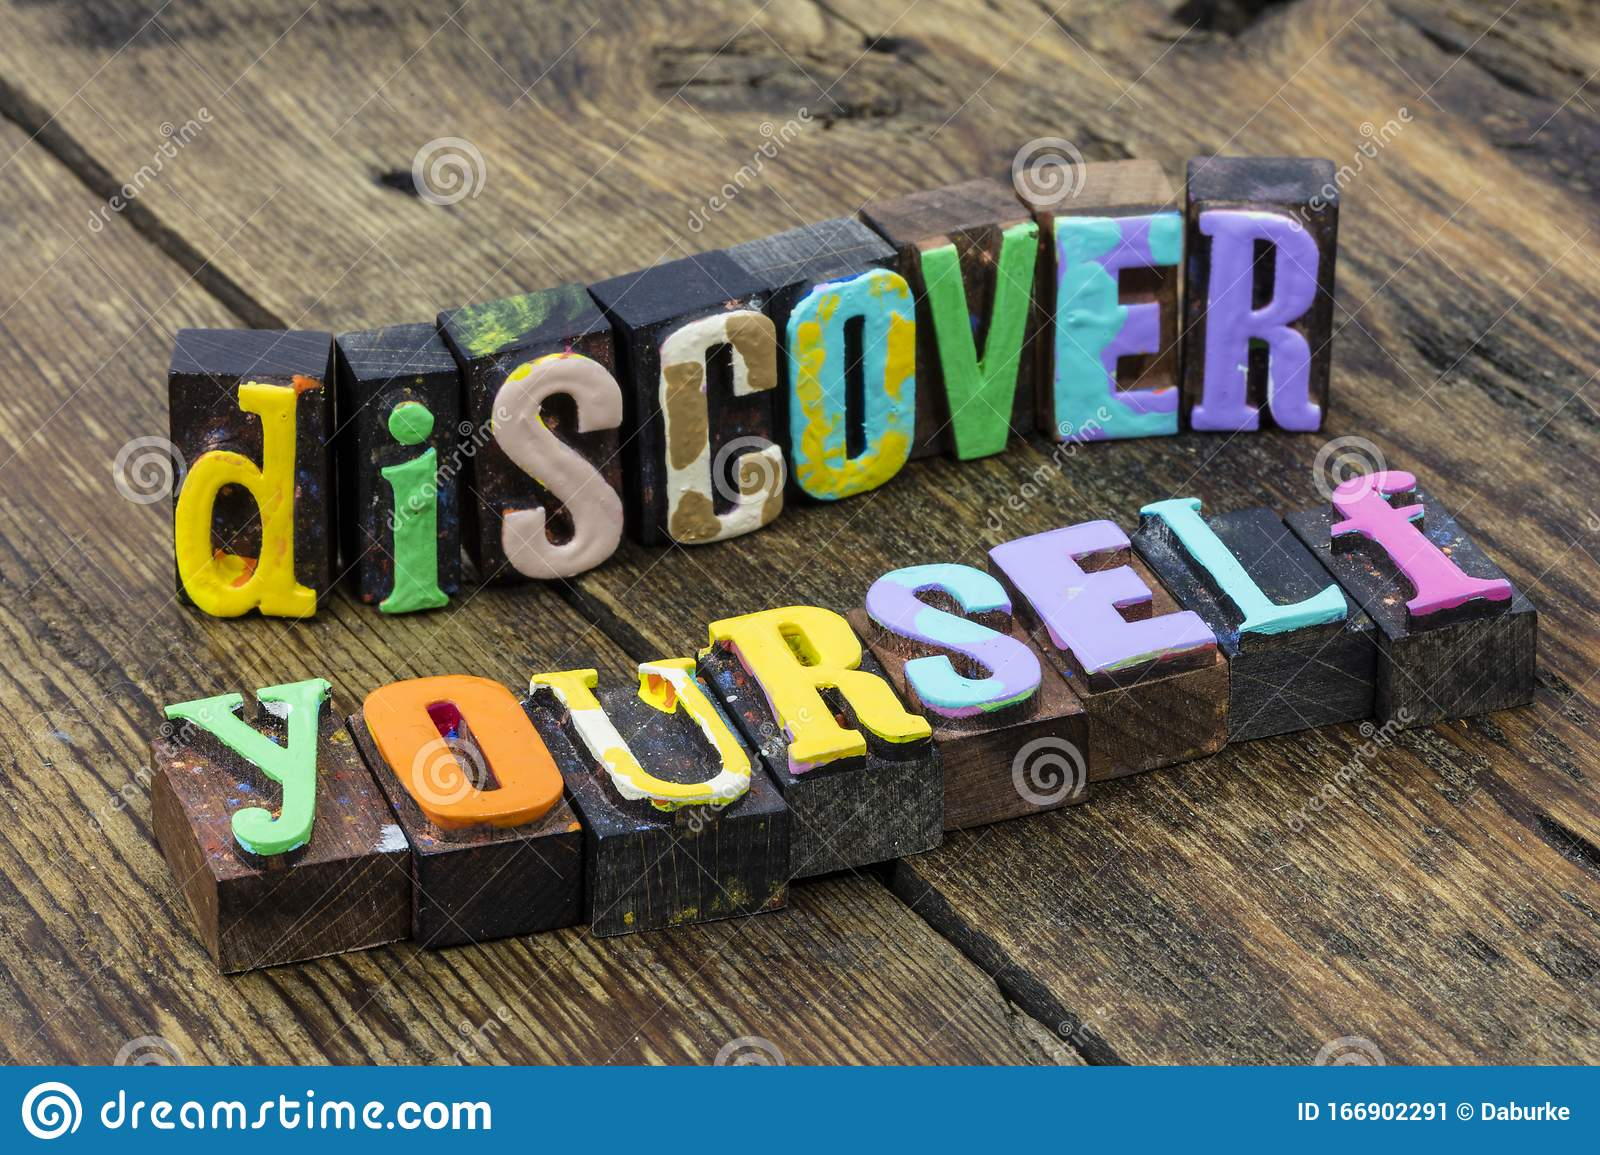 דרך תהליך הריפוי לגלות את עצמנו מחדש